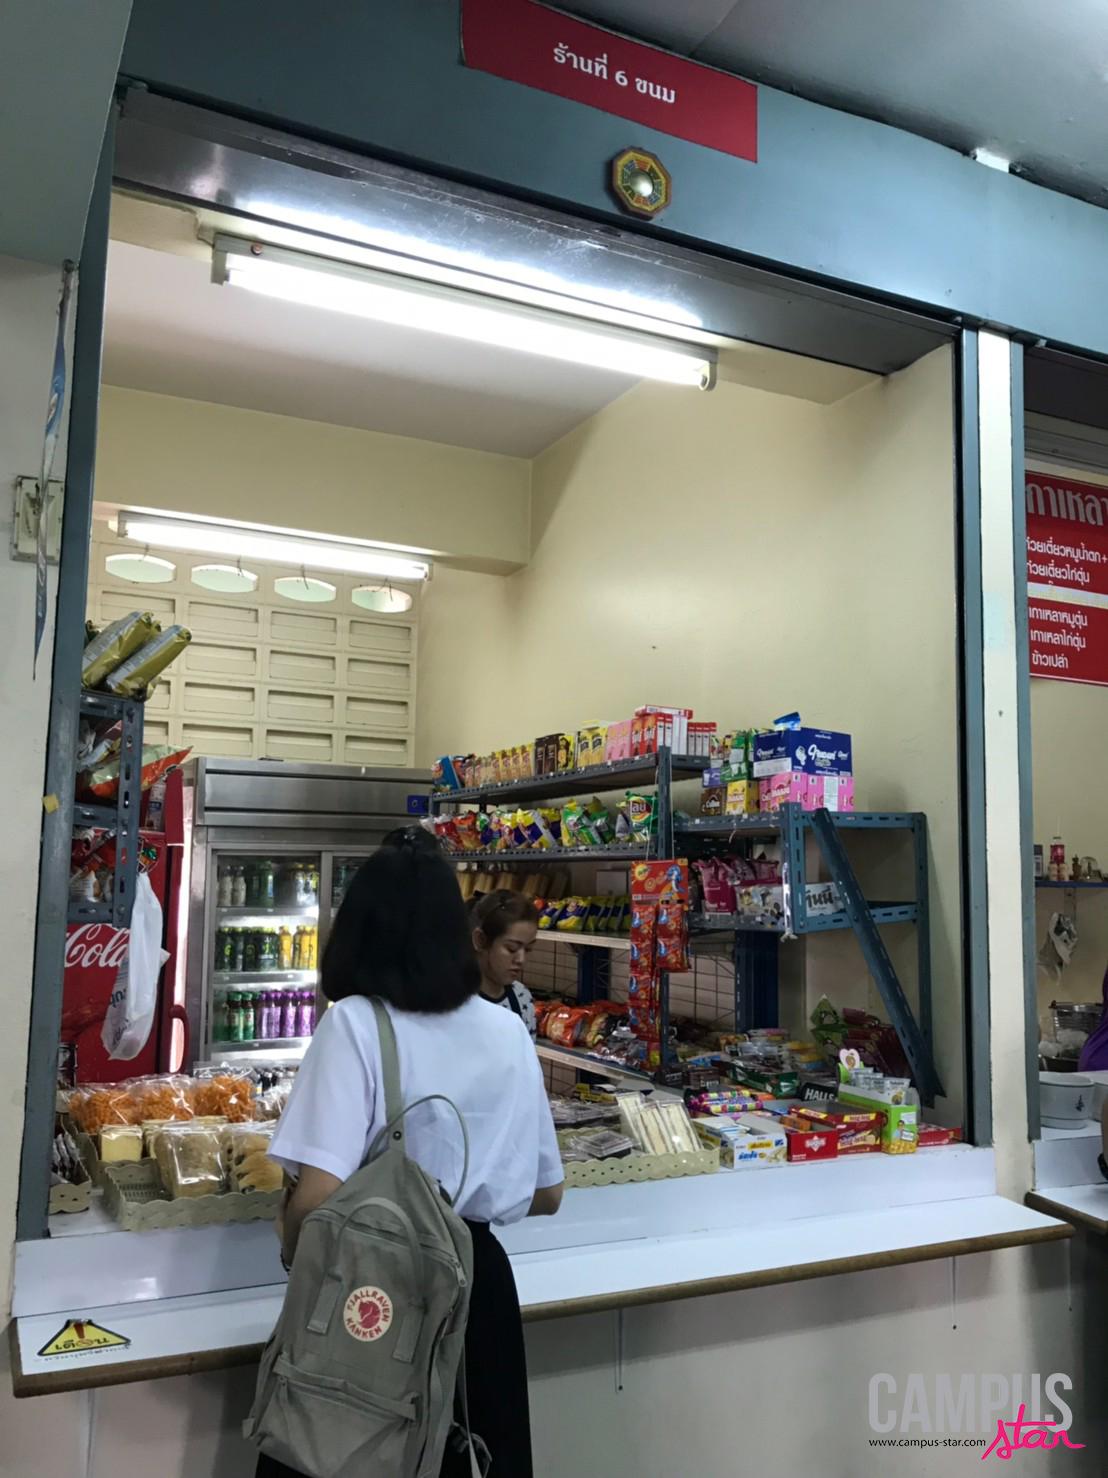 รีวิวโรงอาหารใน มทร. ตอ. จักรพงษภูวนารถ